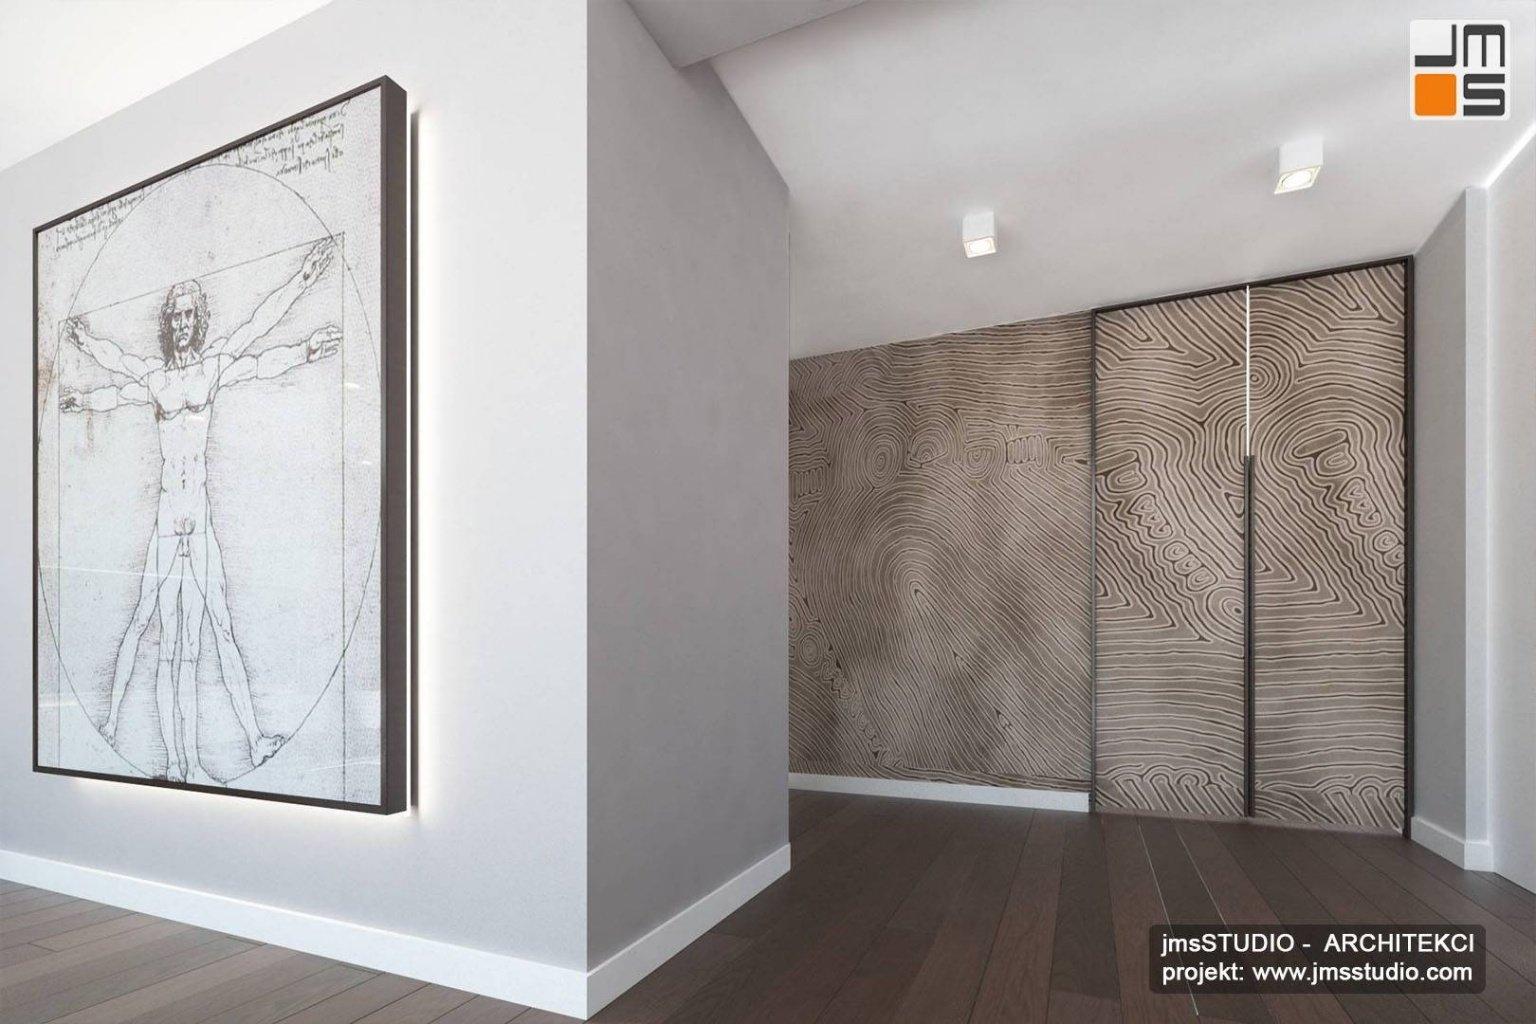 Duża zabudowana szafa wnękowa na wymiar i grafika Leonadro Da Vinci  to projekt aranżacji wnętrz apartamentu w Krakowie